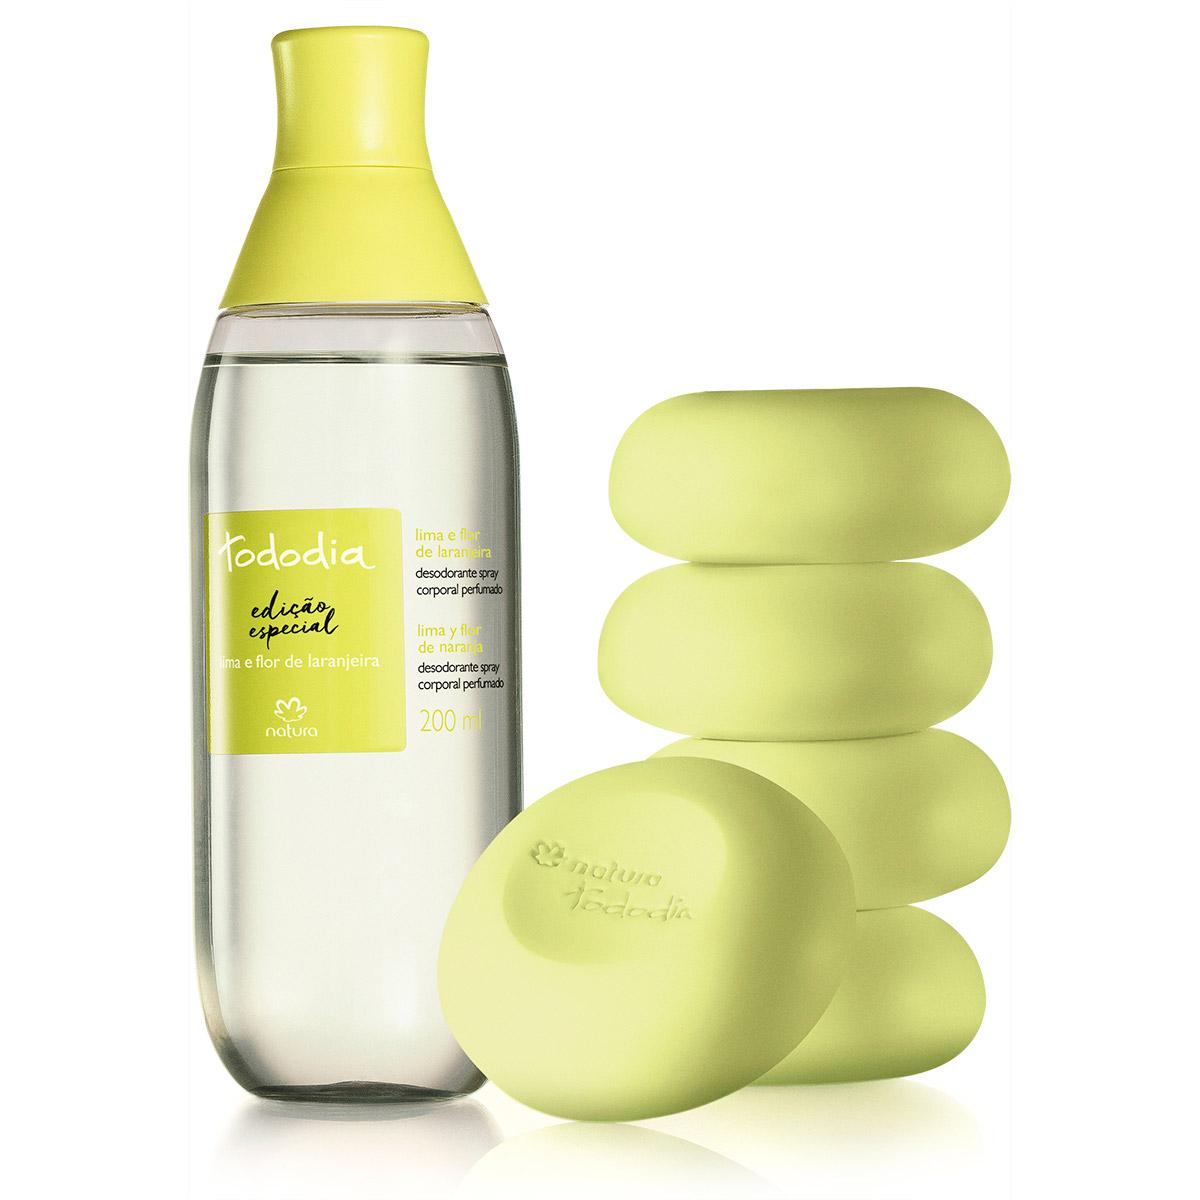 Combo Verão Tododia Lima e Flor de Laranjeira - Desodorante Colônia Spray Corporal + Sabonetes em Barra - 78462